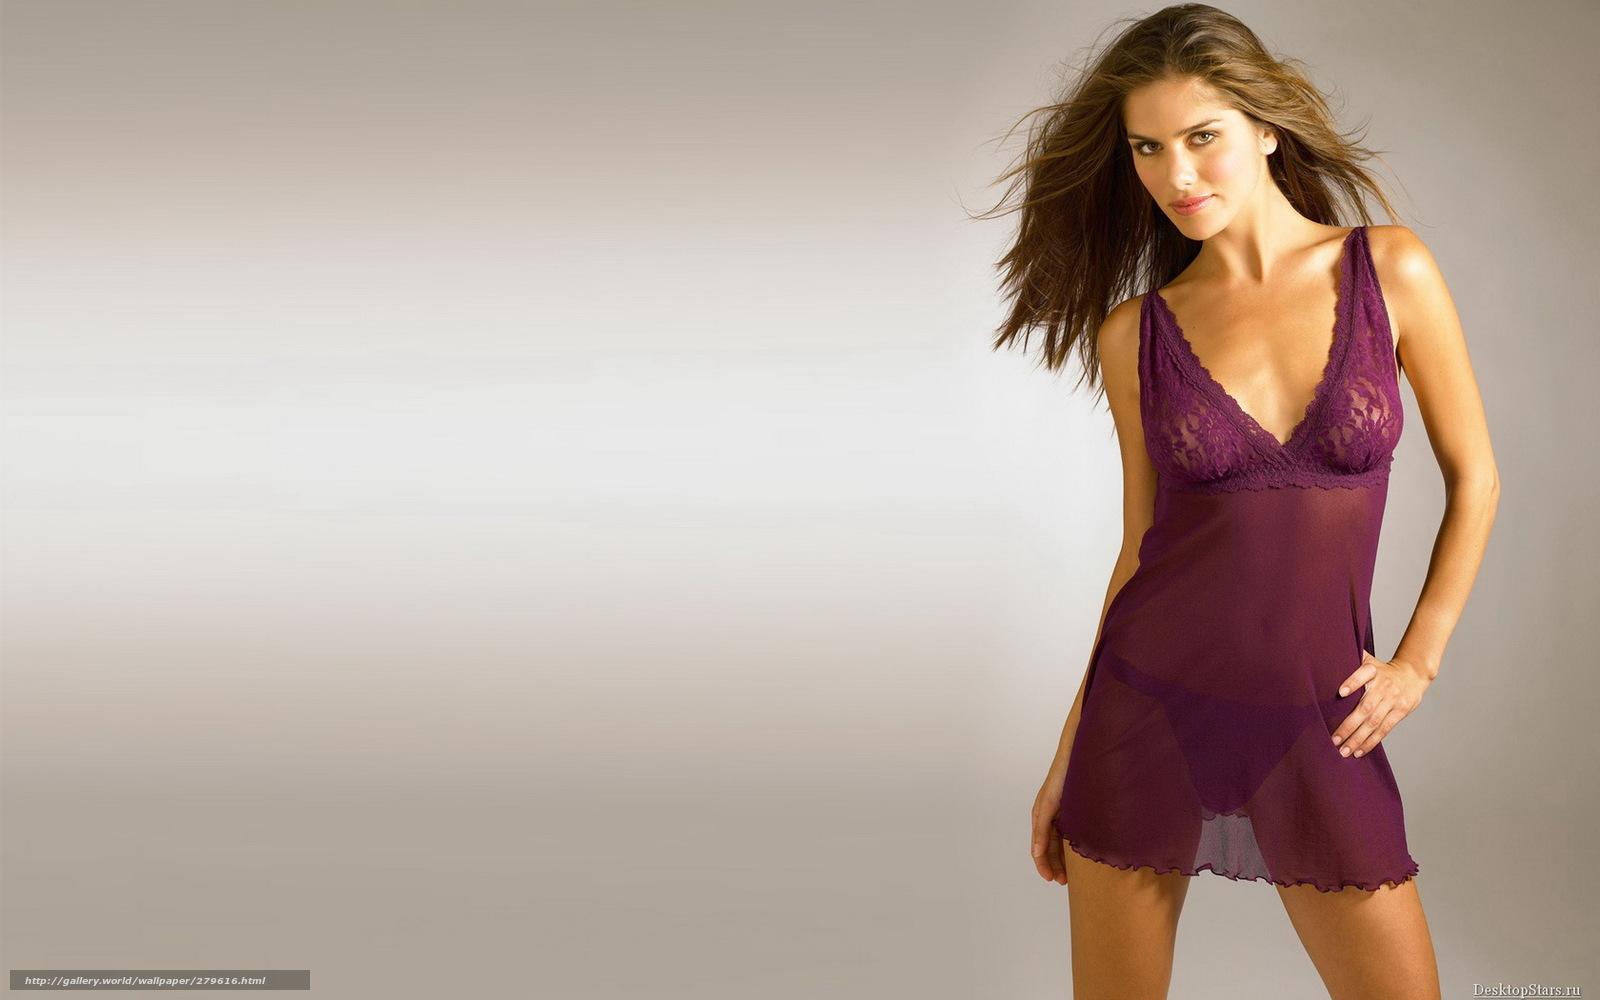 Известные модели в Фото  Голые девушки девки обнаженные